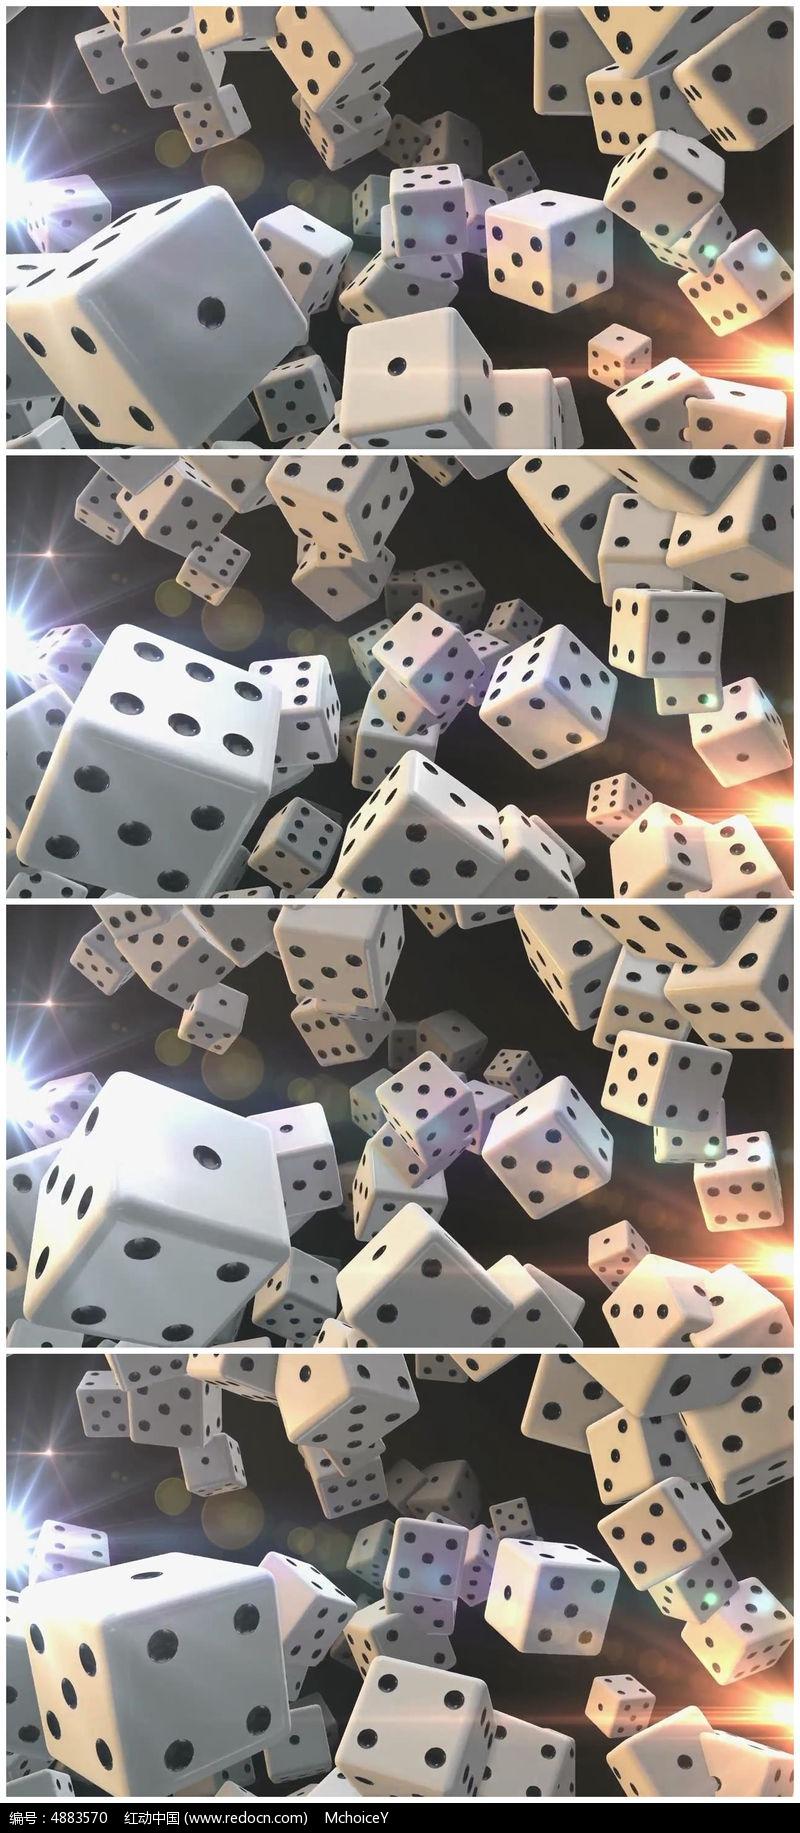 三维骰子动画视频素材图片